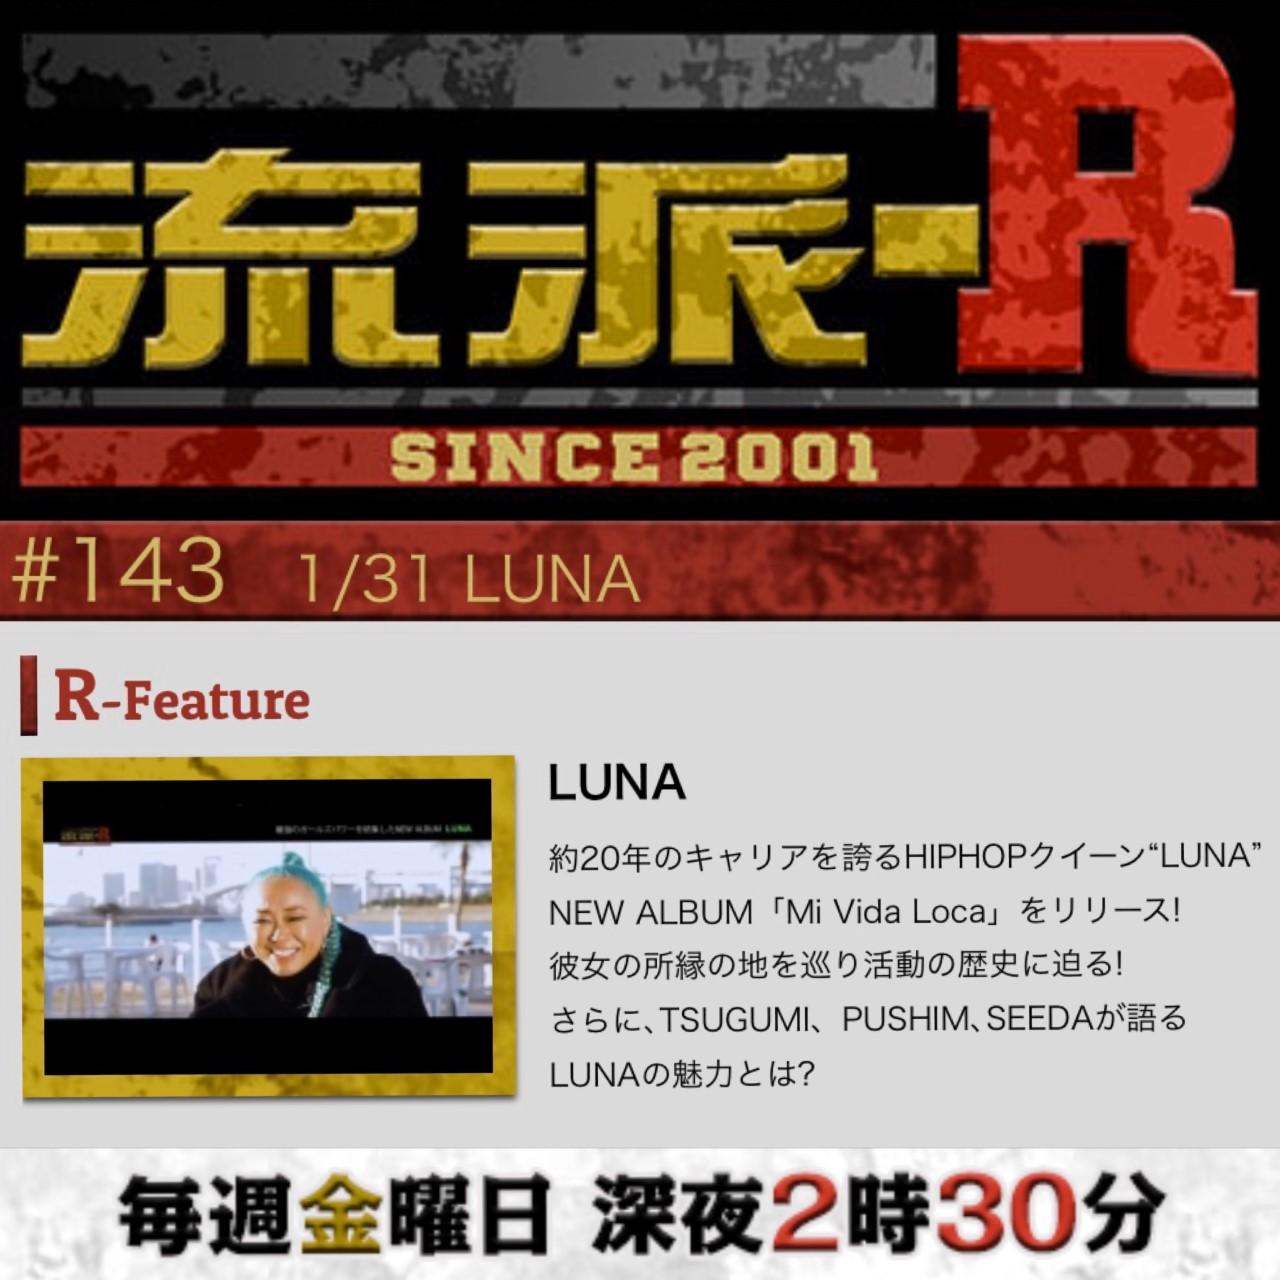 http://jcctokyo.com/news/LUNA%E6%B5%81%E6%B4%BER.jpg